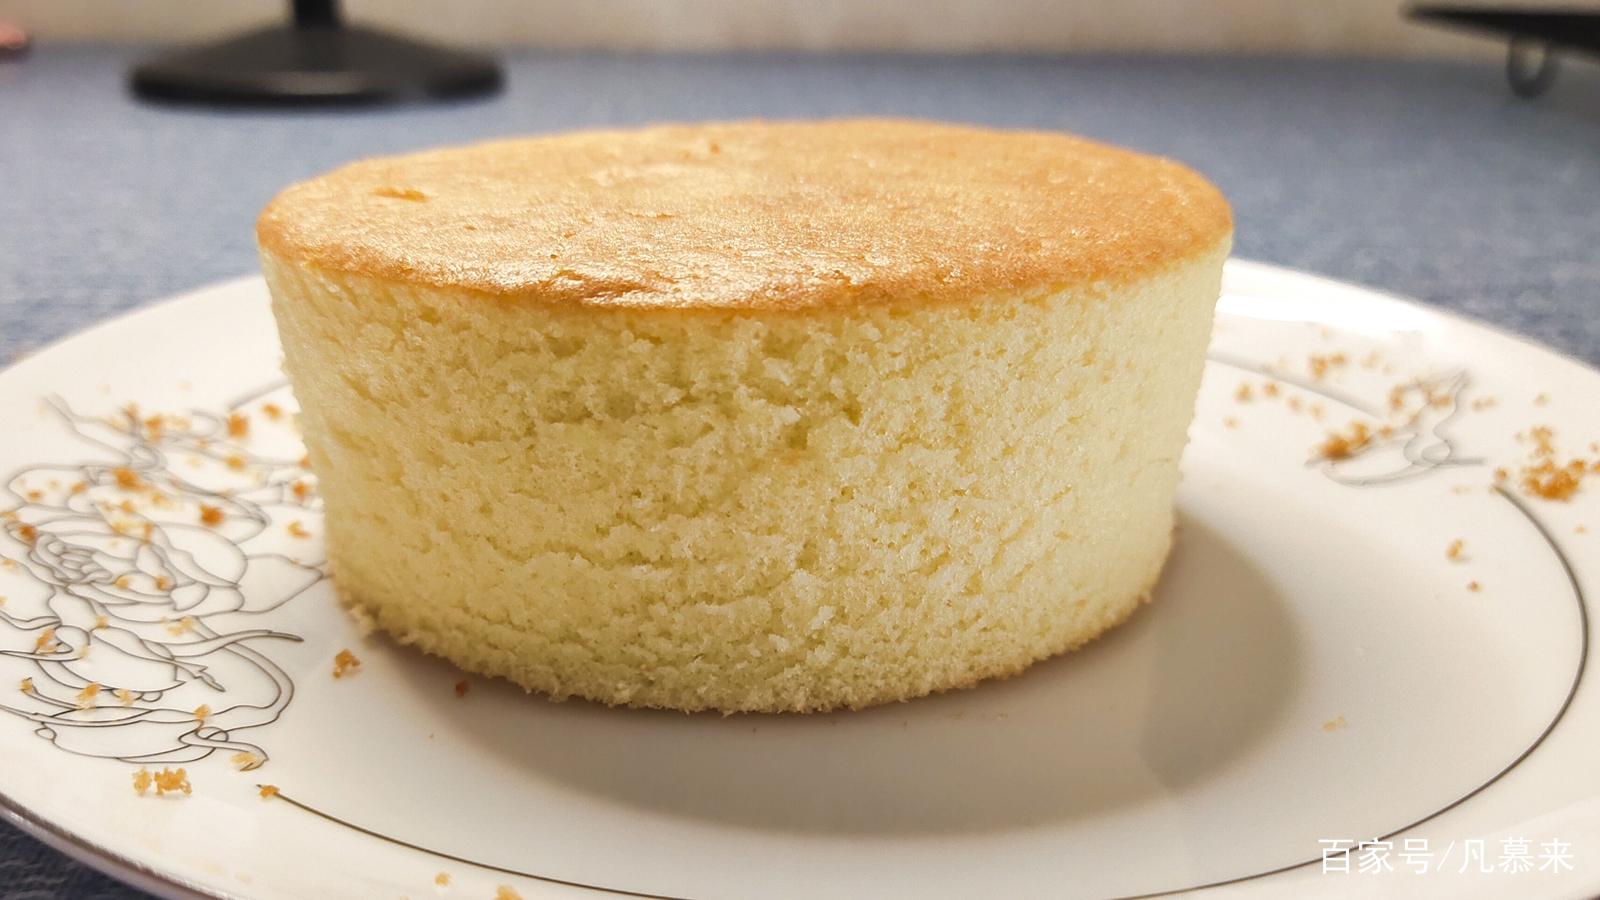 海绵蛋糕配方哪个准确?试验见真知,这样做海绵蛋糕零失败